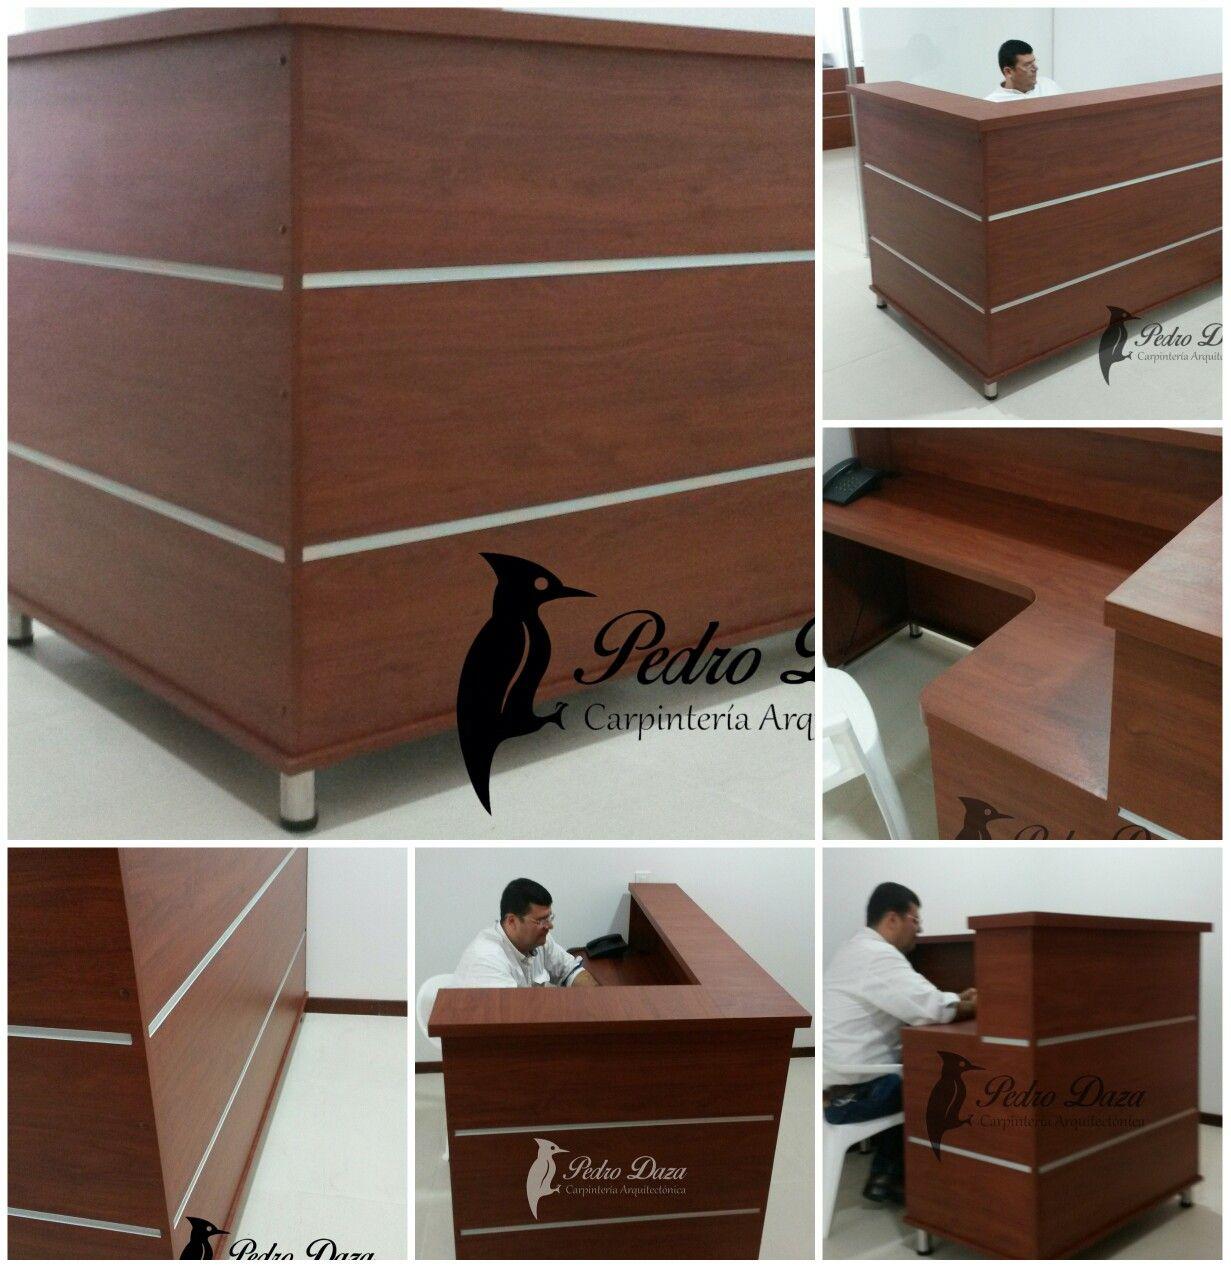 Mueble de recepcion oficina pedrodaza carpinteria for Mueble recepcion oficina